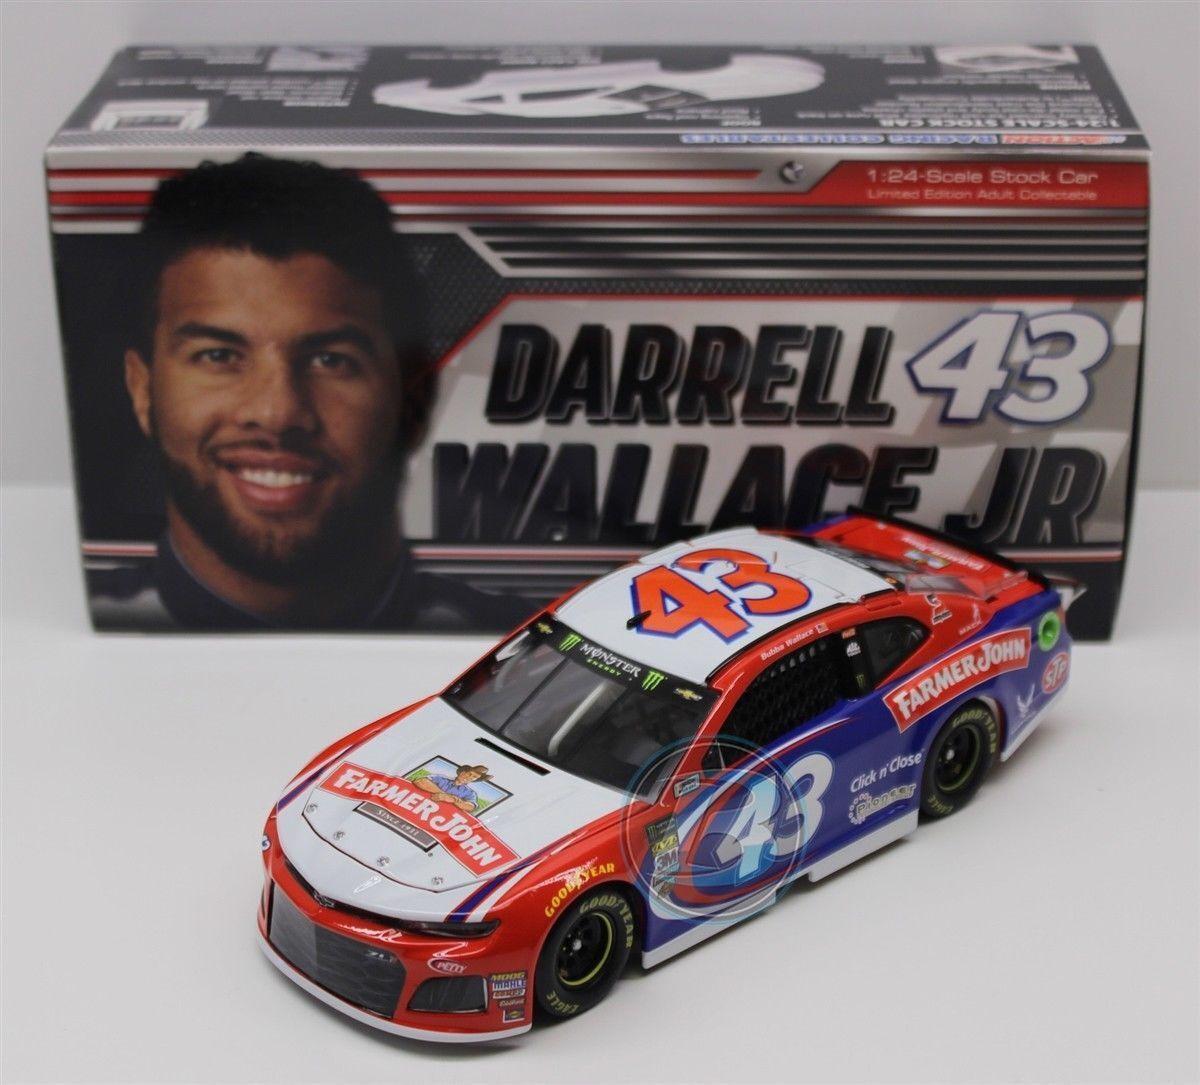 Darrell Wallace Farmer John HO 2018 1 24 Scale NASCAR Diecast